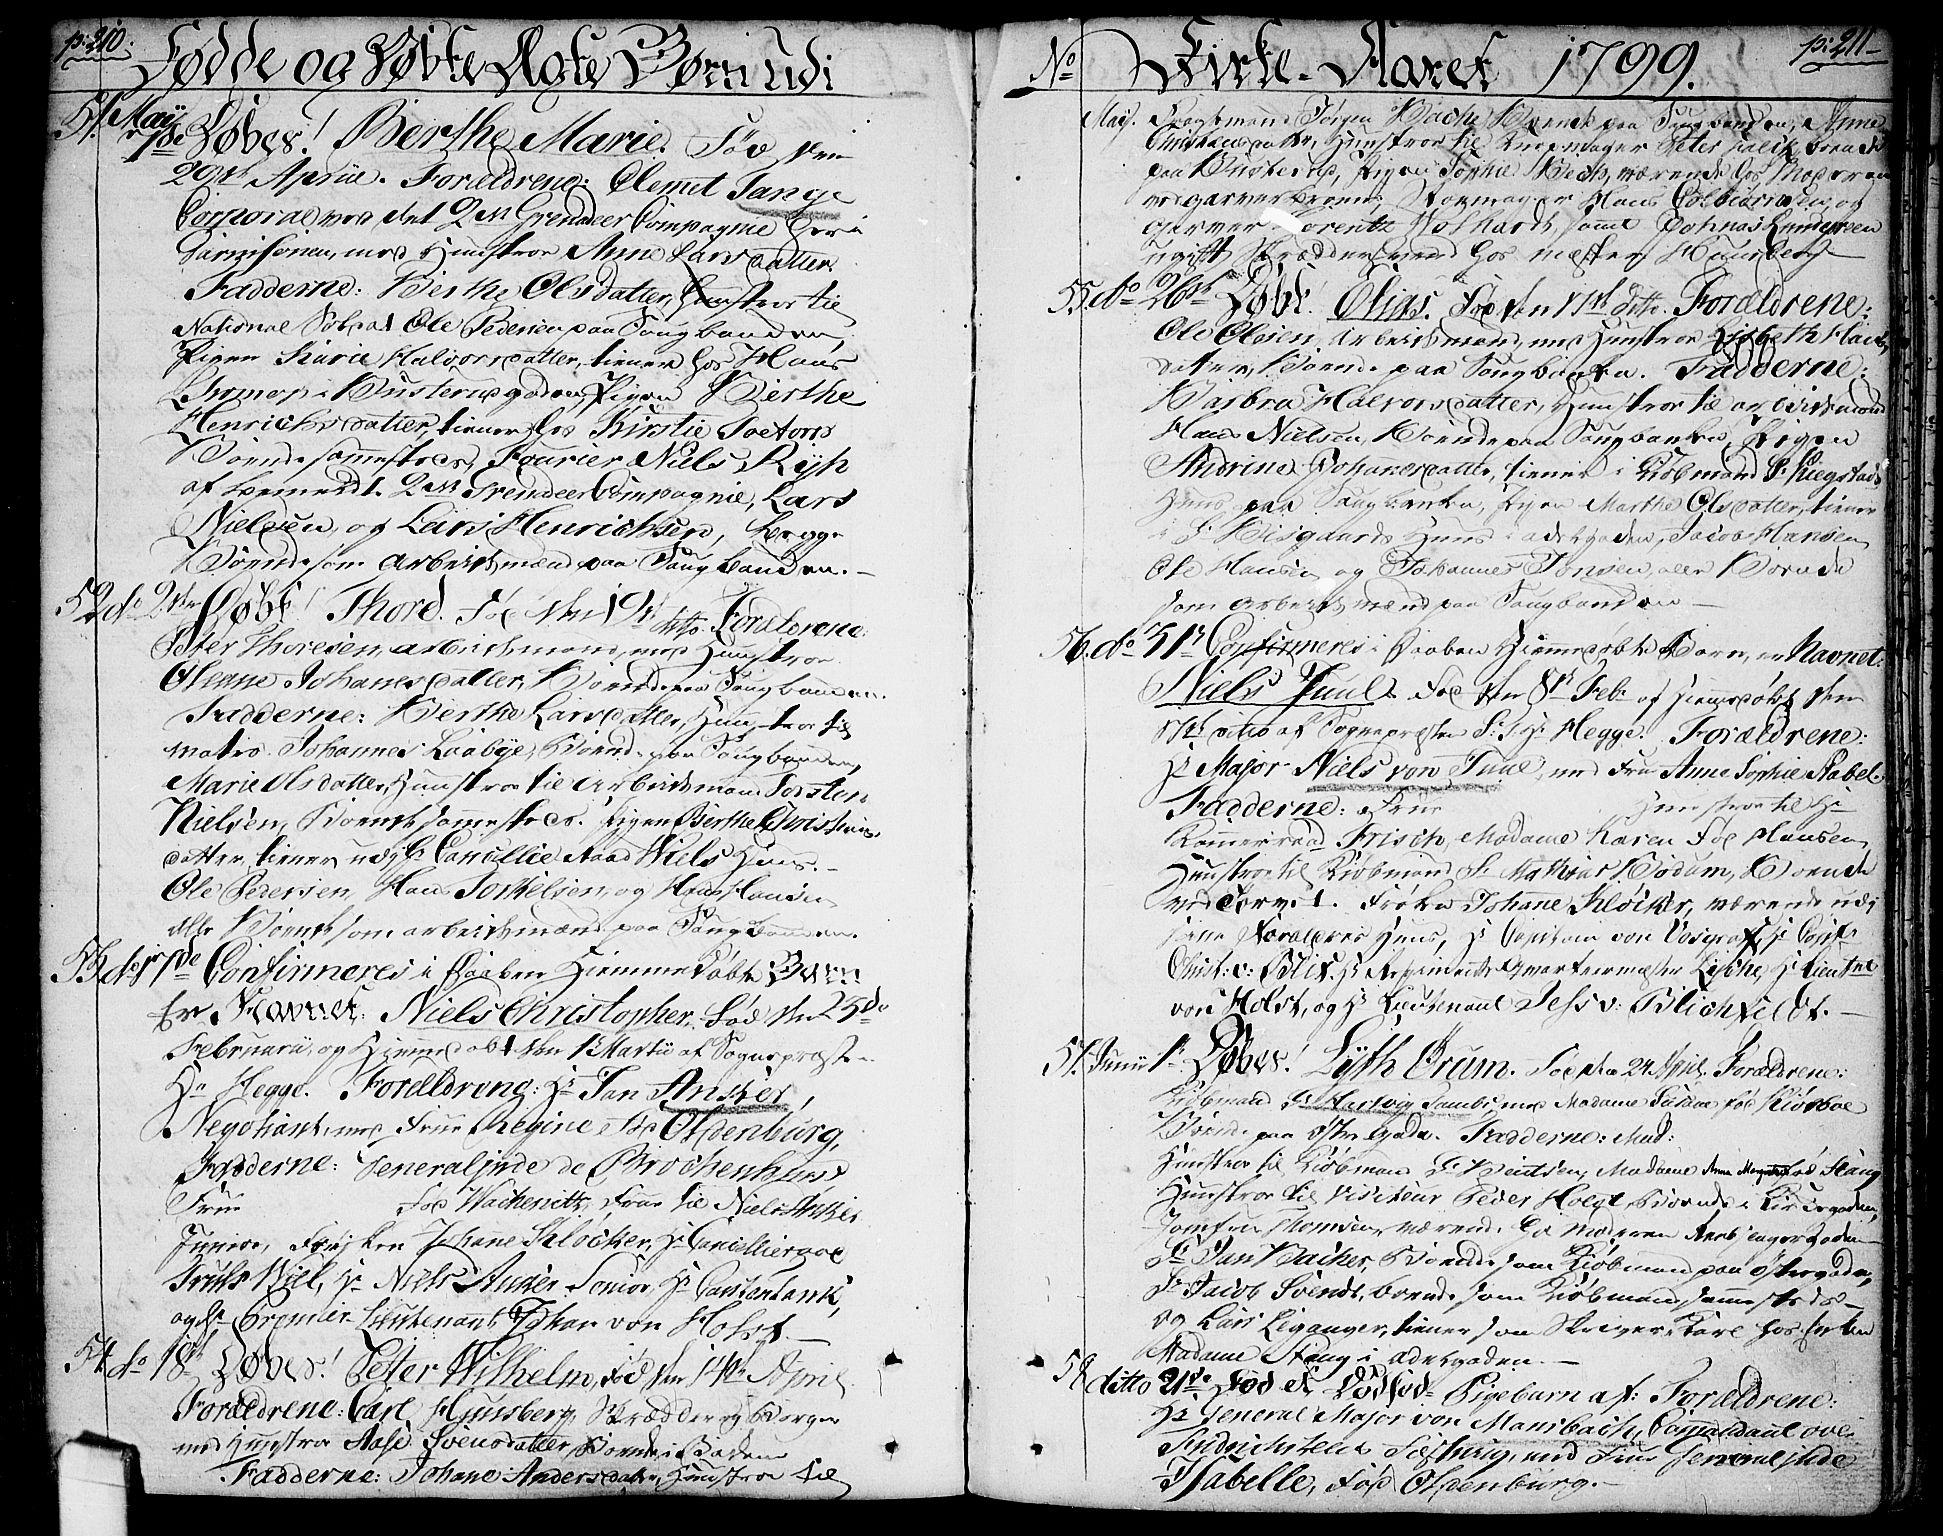 SAO, Halden prestekontor Kirkebøker, F/Fa/L0002: Ministerialbok nr. I 2, 1792-1812, s. 210-211